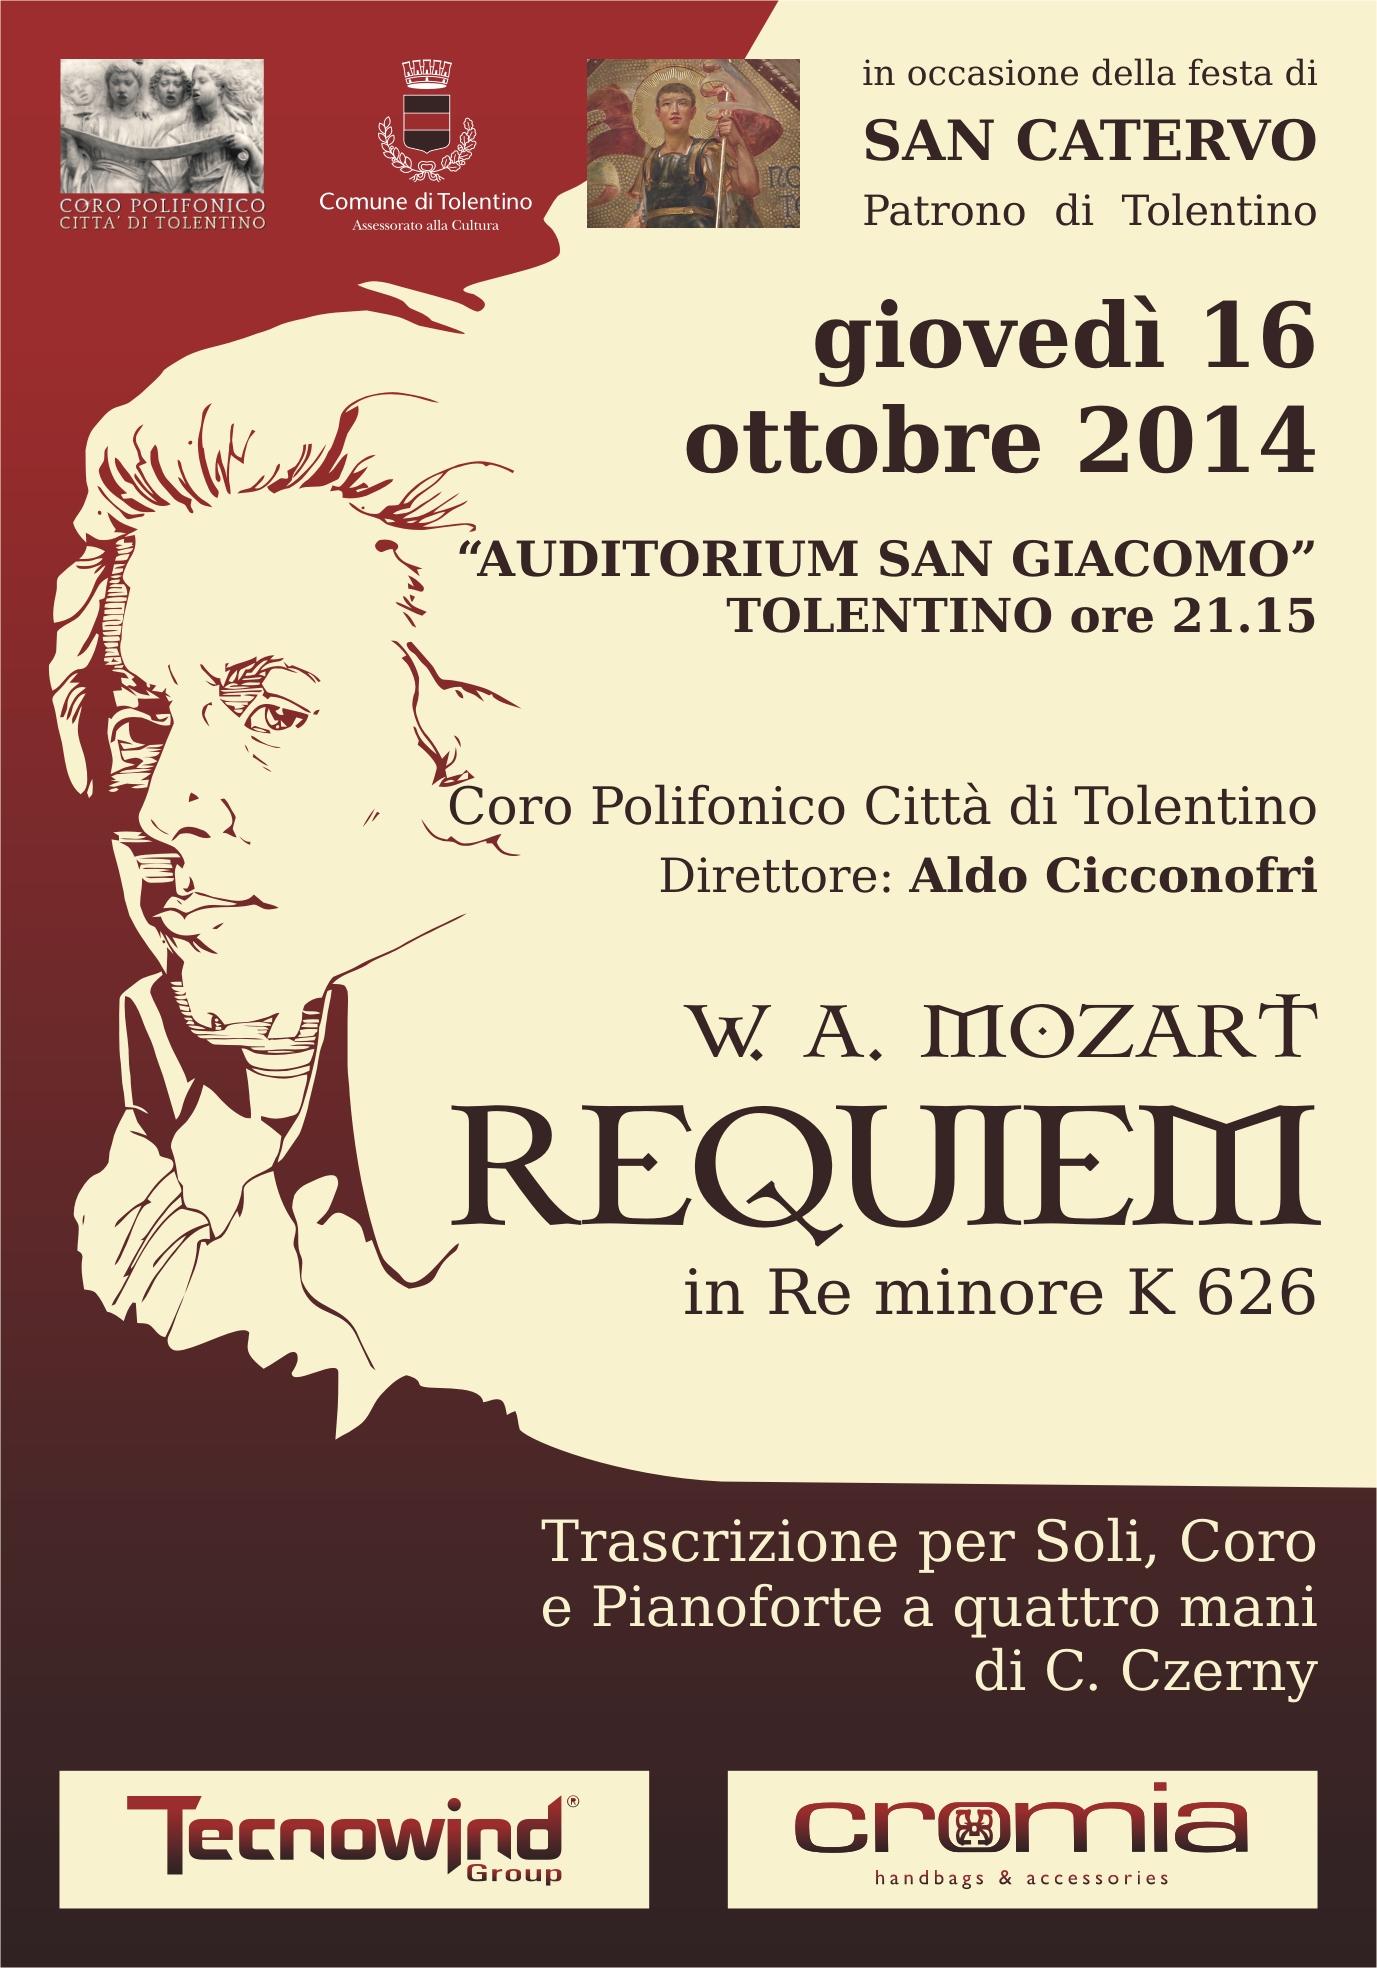 Il REQUIEM di Mozart per la Festa di San Catervo